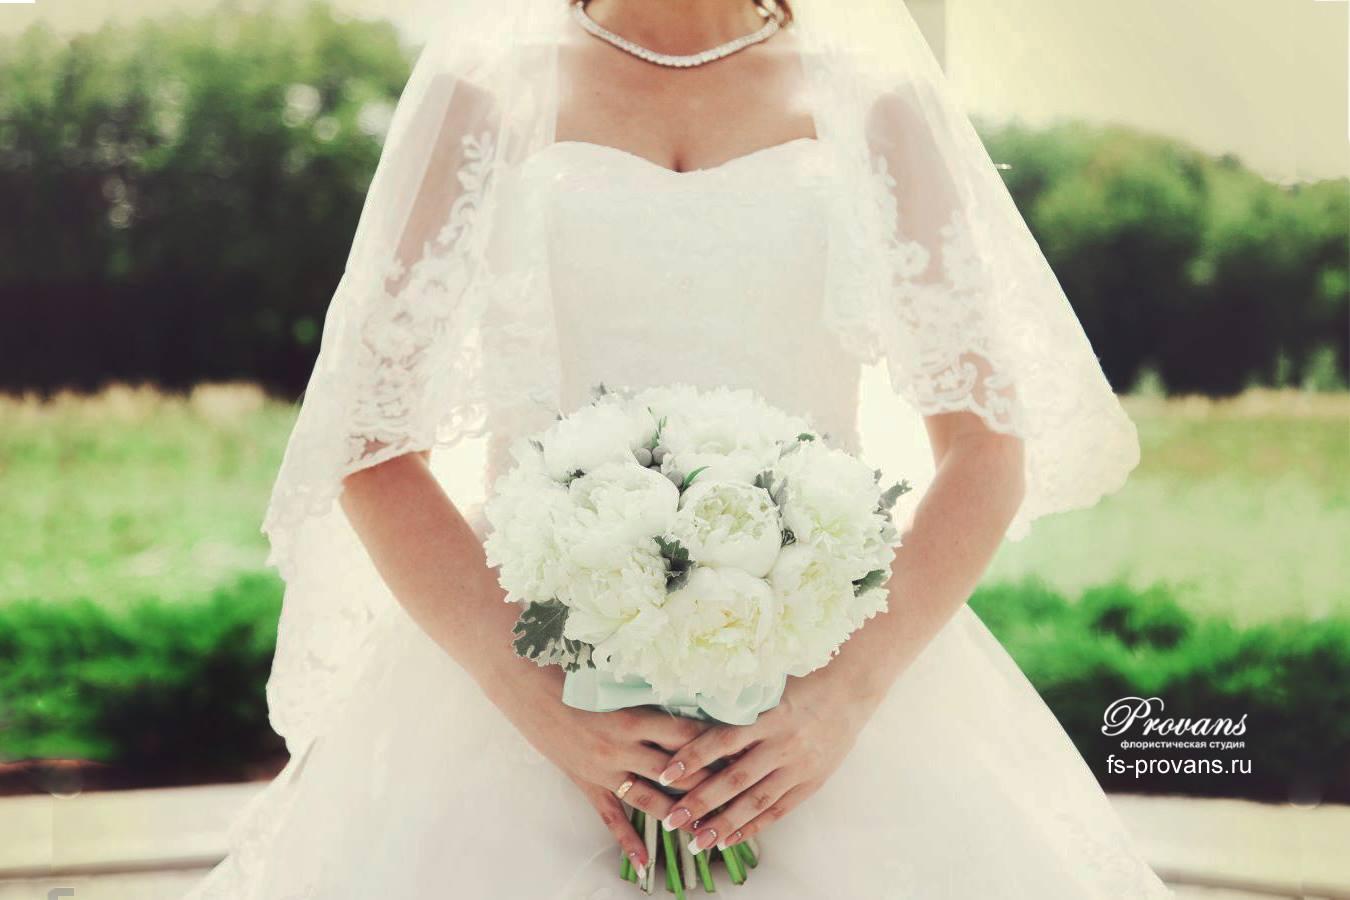 Свадебный букет. Белые пионы, бруния